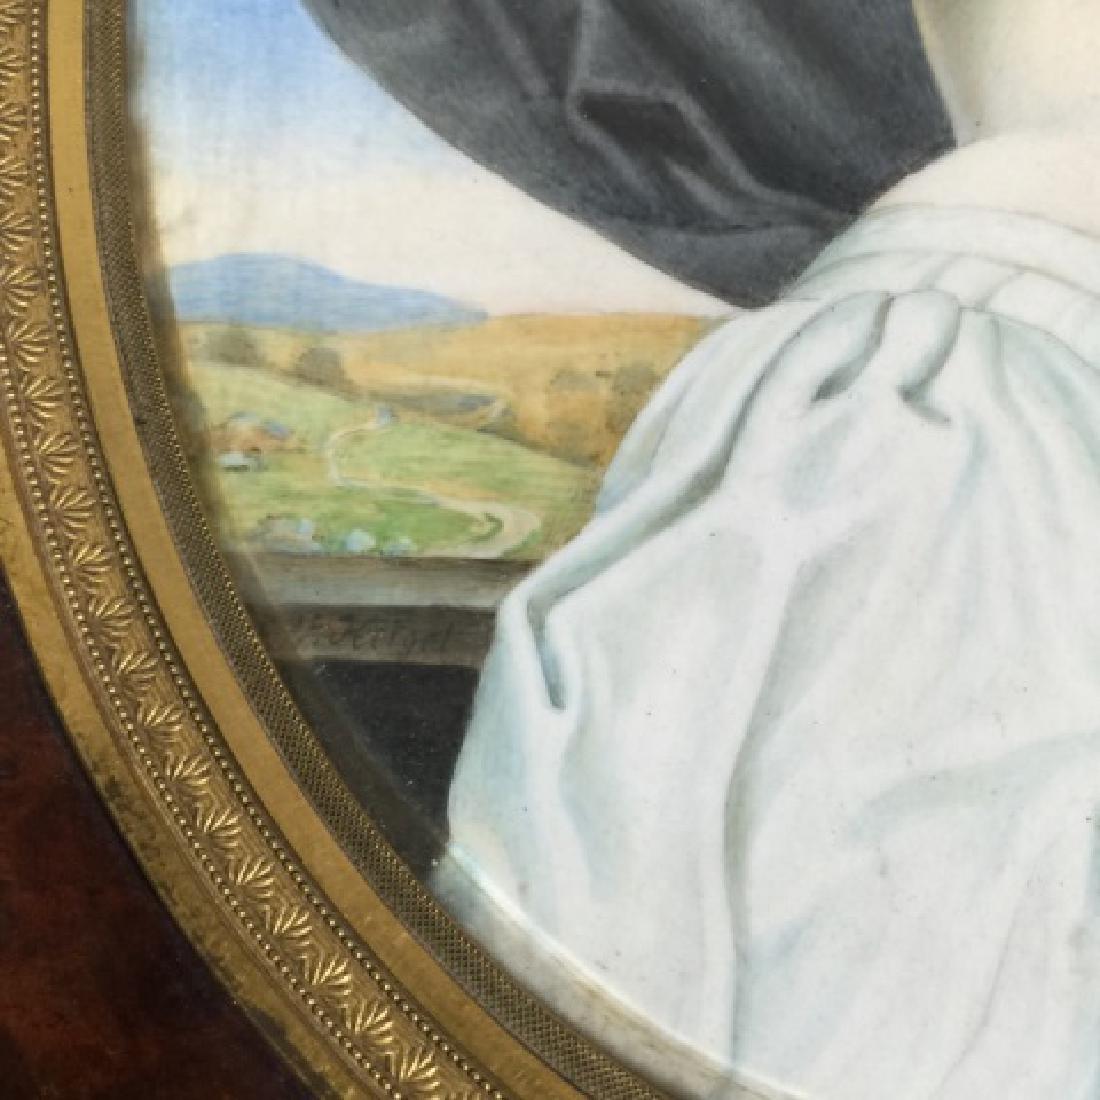 Antique 19th C Hand Painted Portrait Miniature - 3